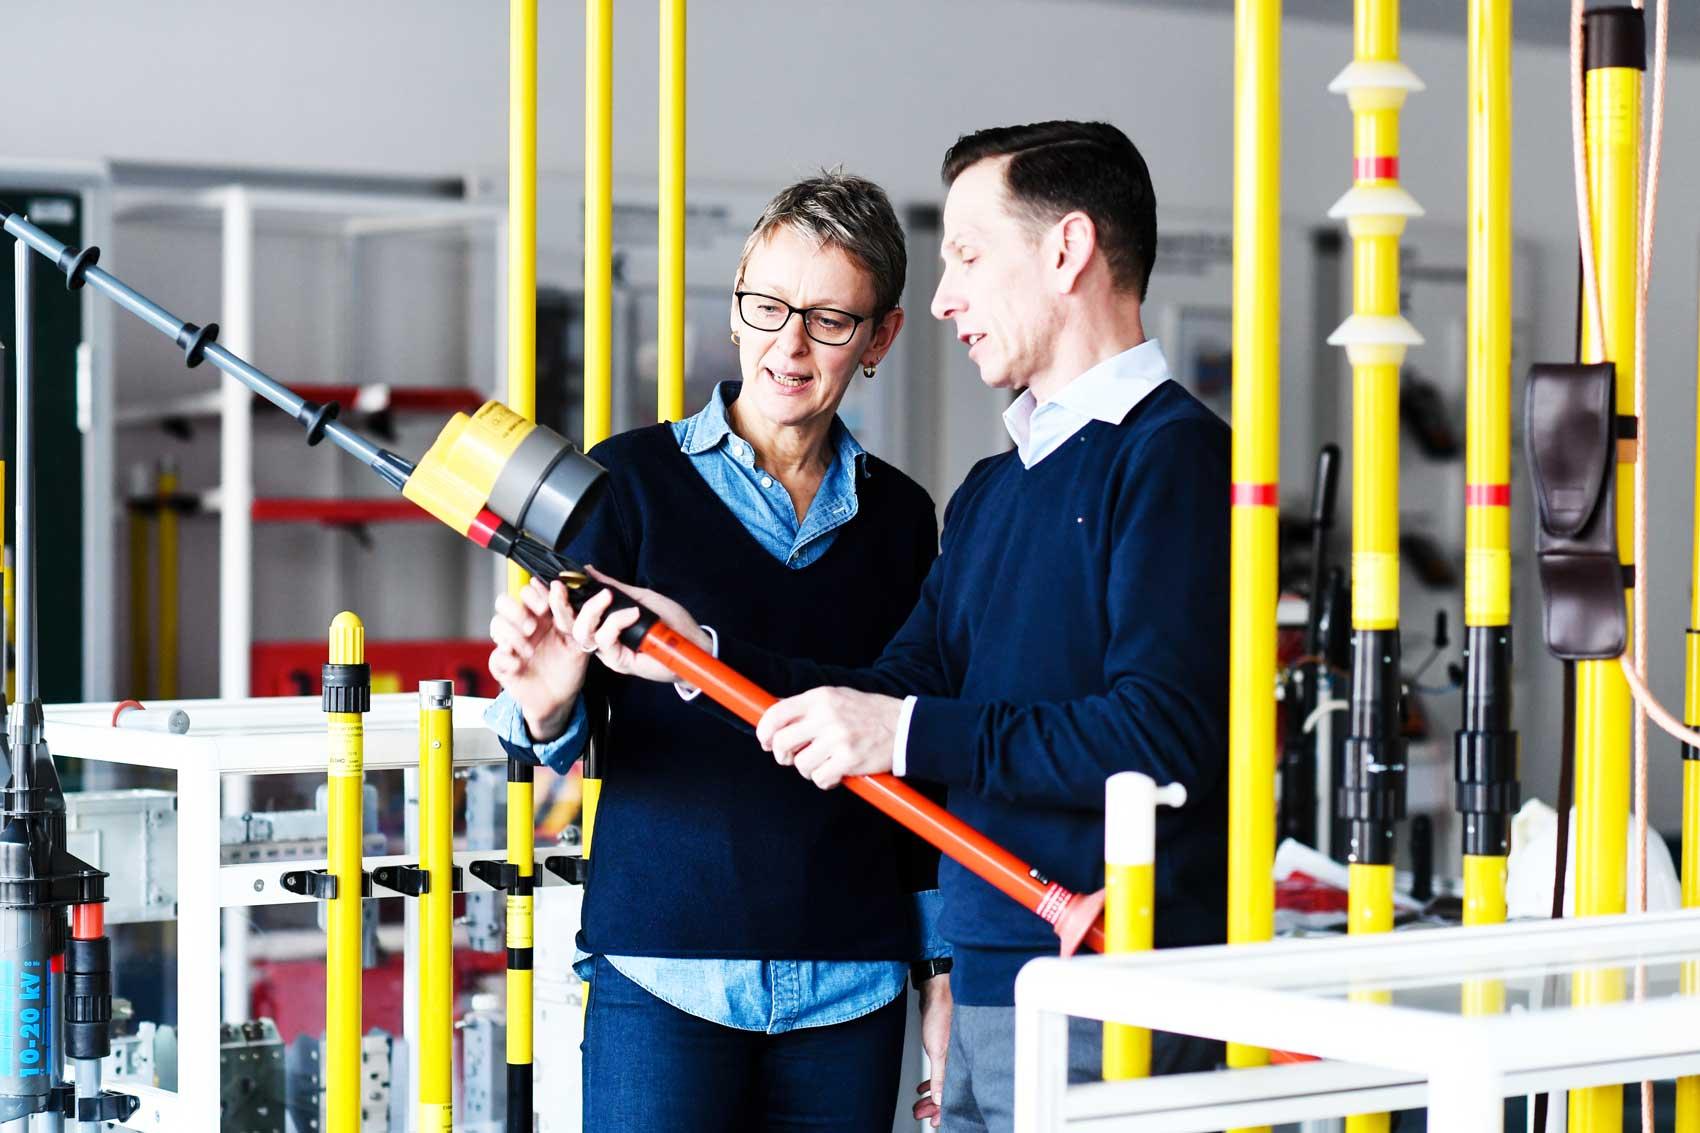 Sicherheitsgeräte und Arbeitsschutz